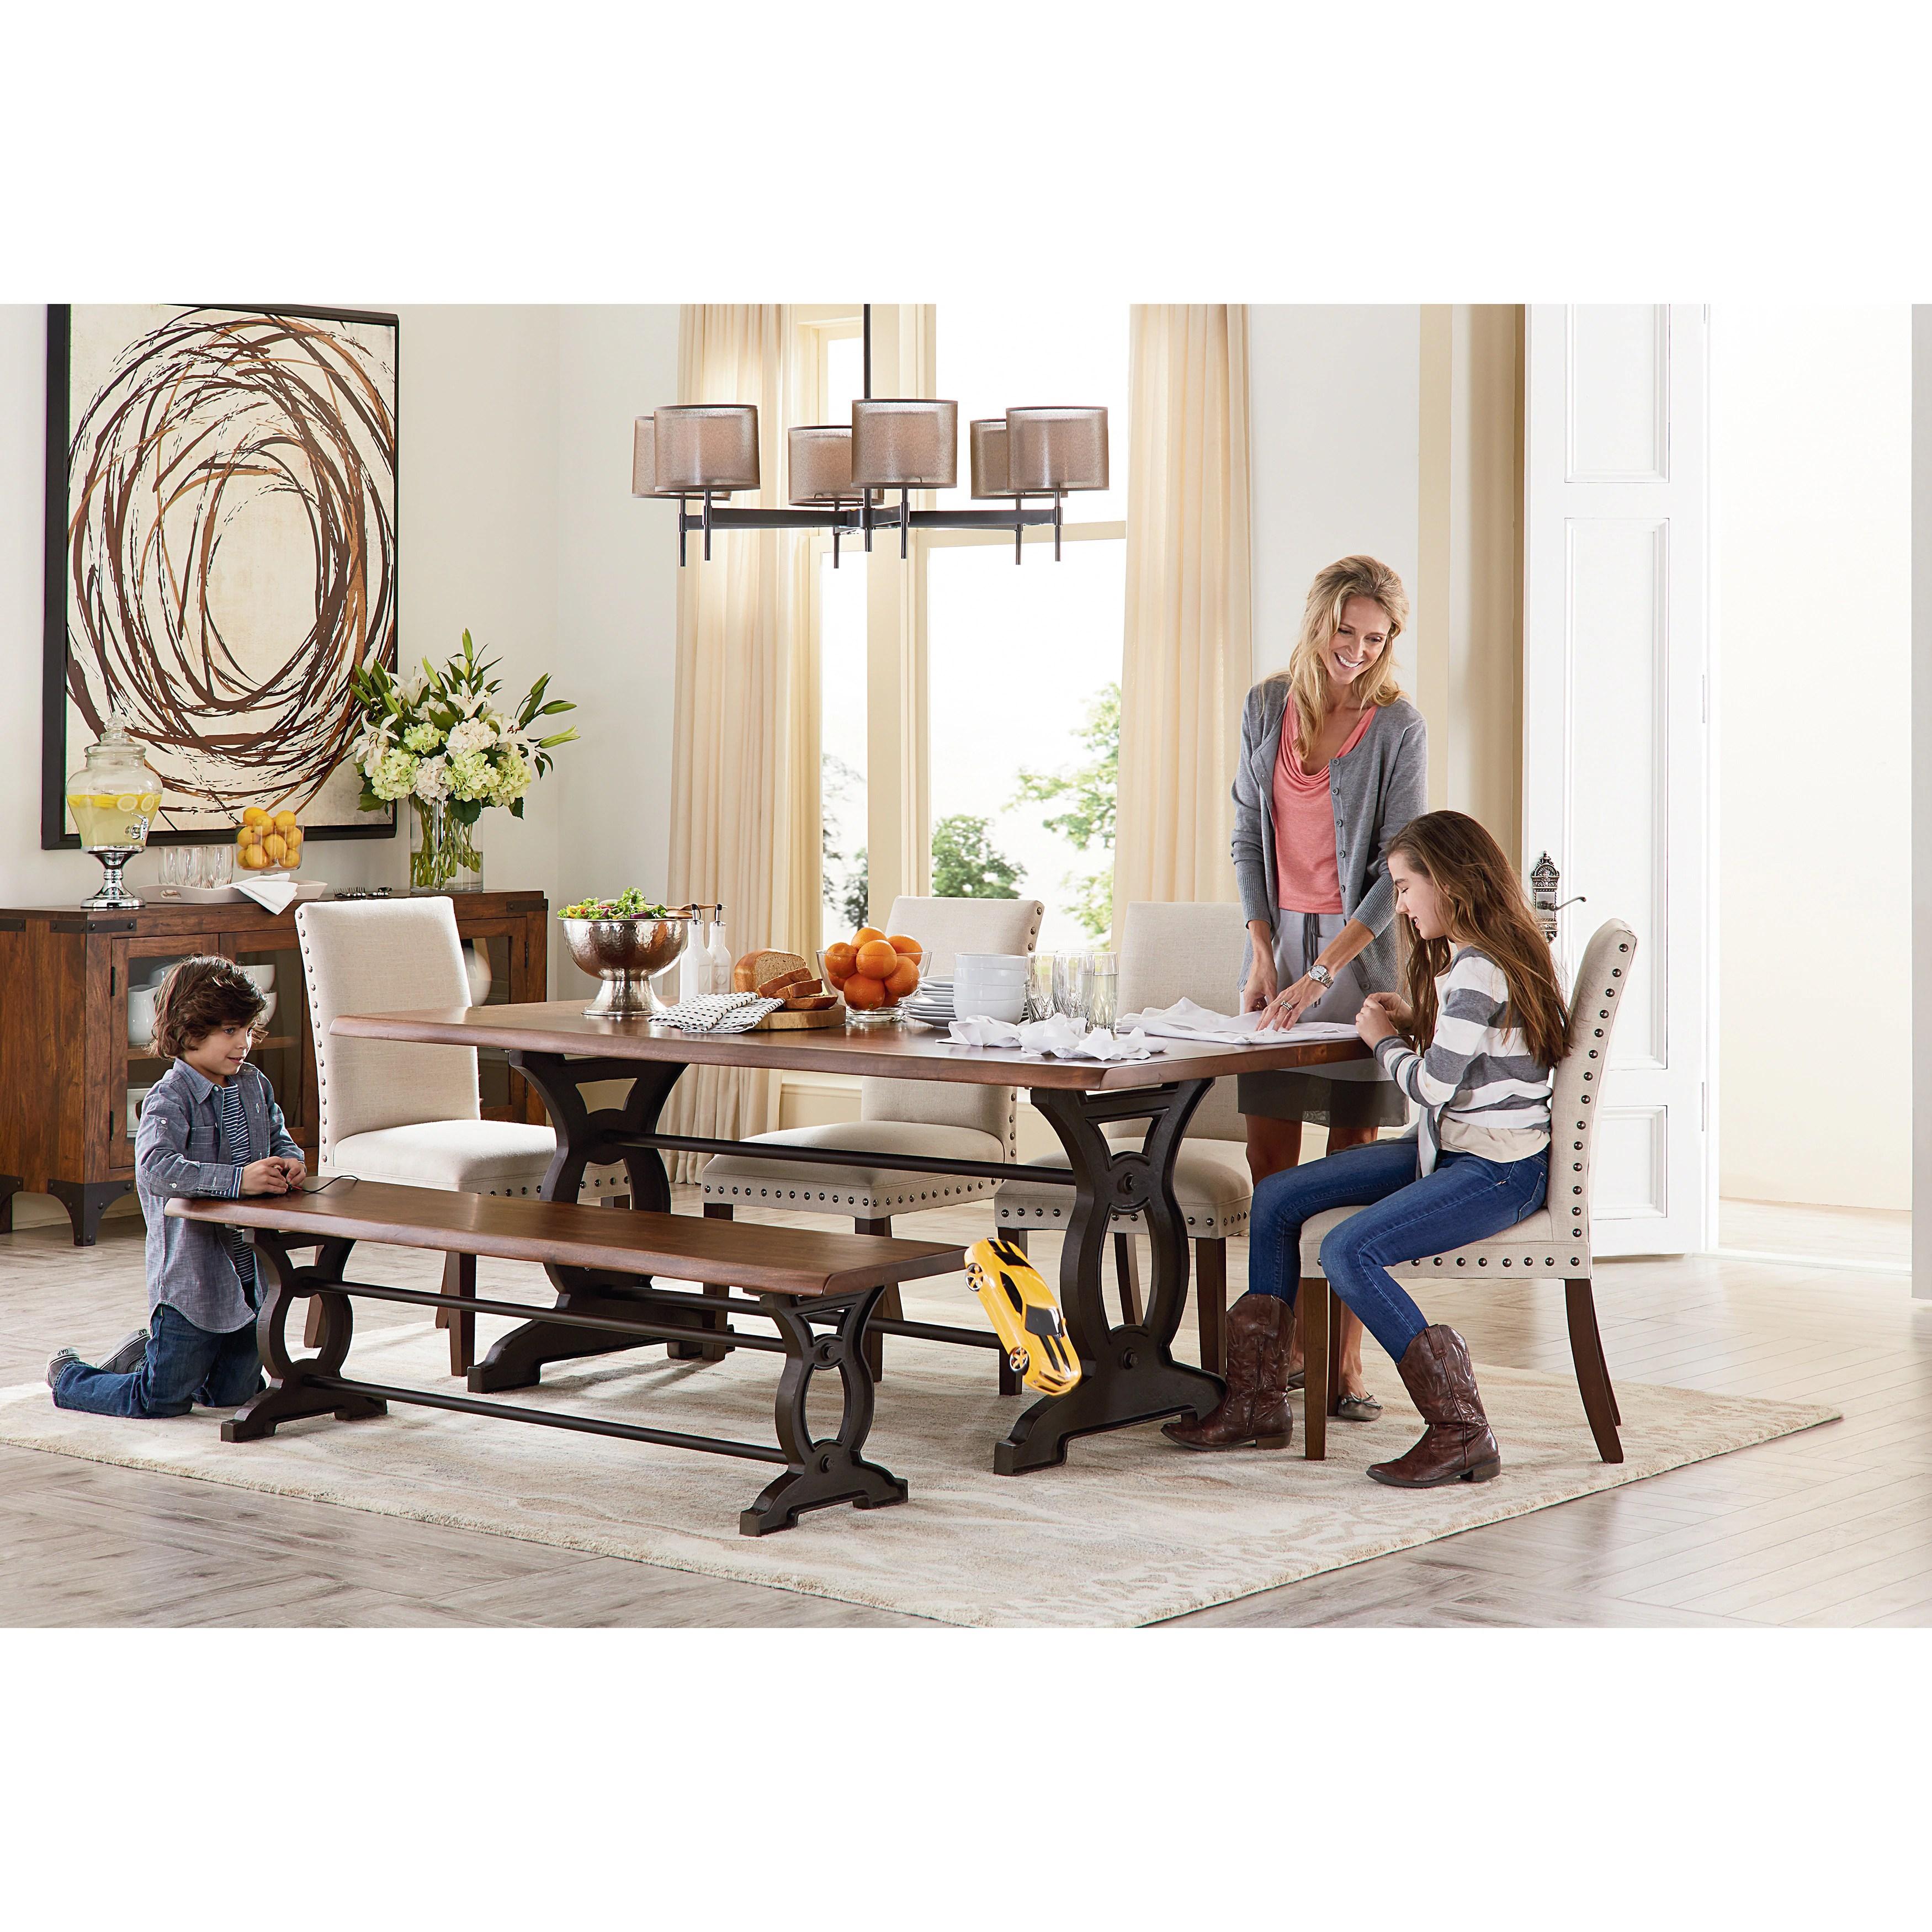 art van natural loft dining table